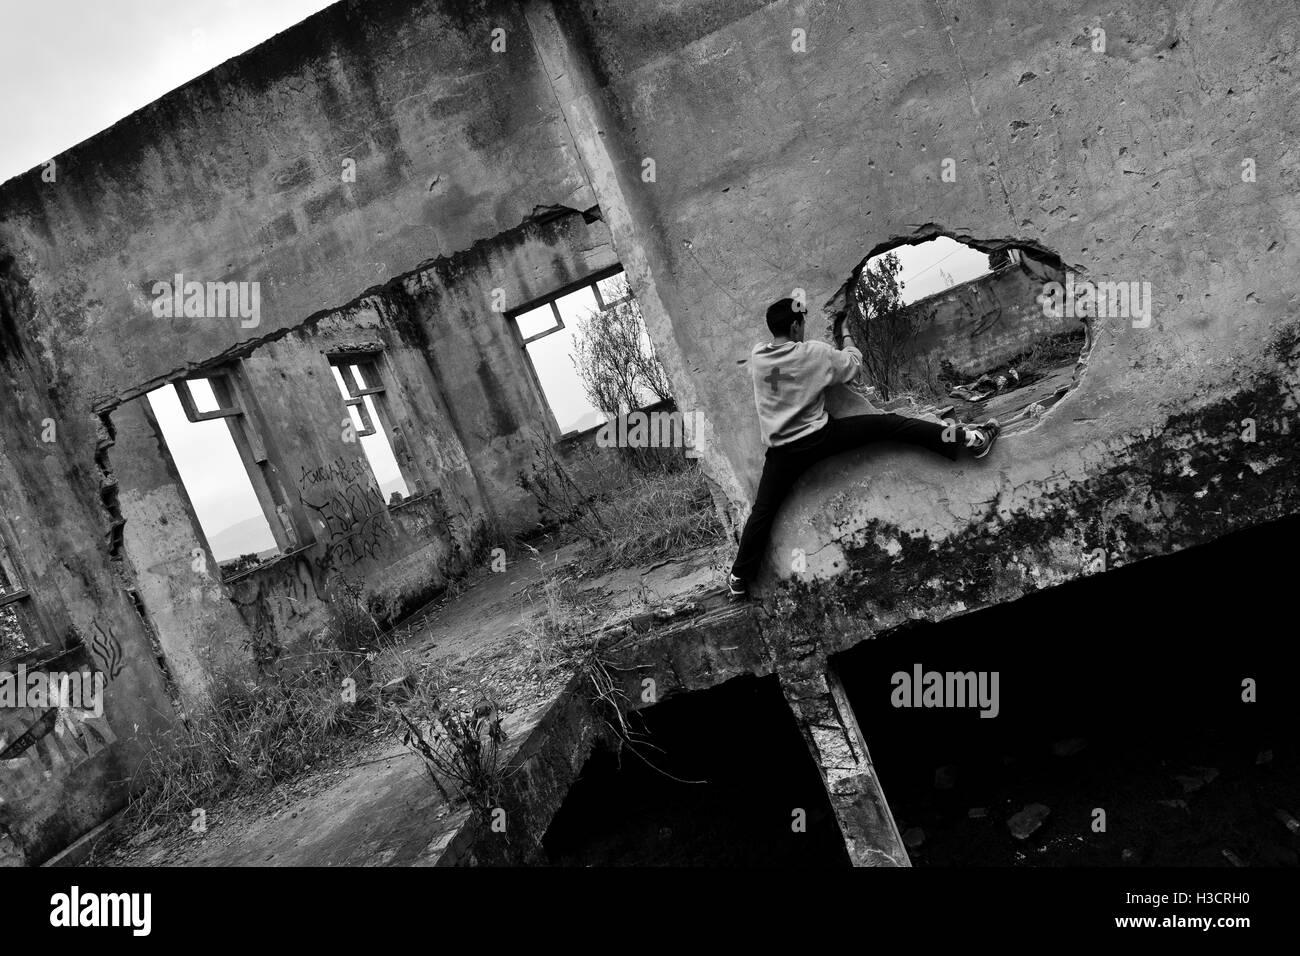 Un colombiano parkour runner trepa dentro de una casa en ruinas durante un funcionamiento libre de formación Imagen De Stock